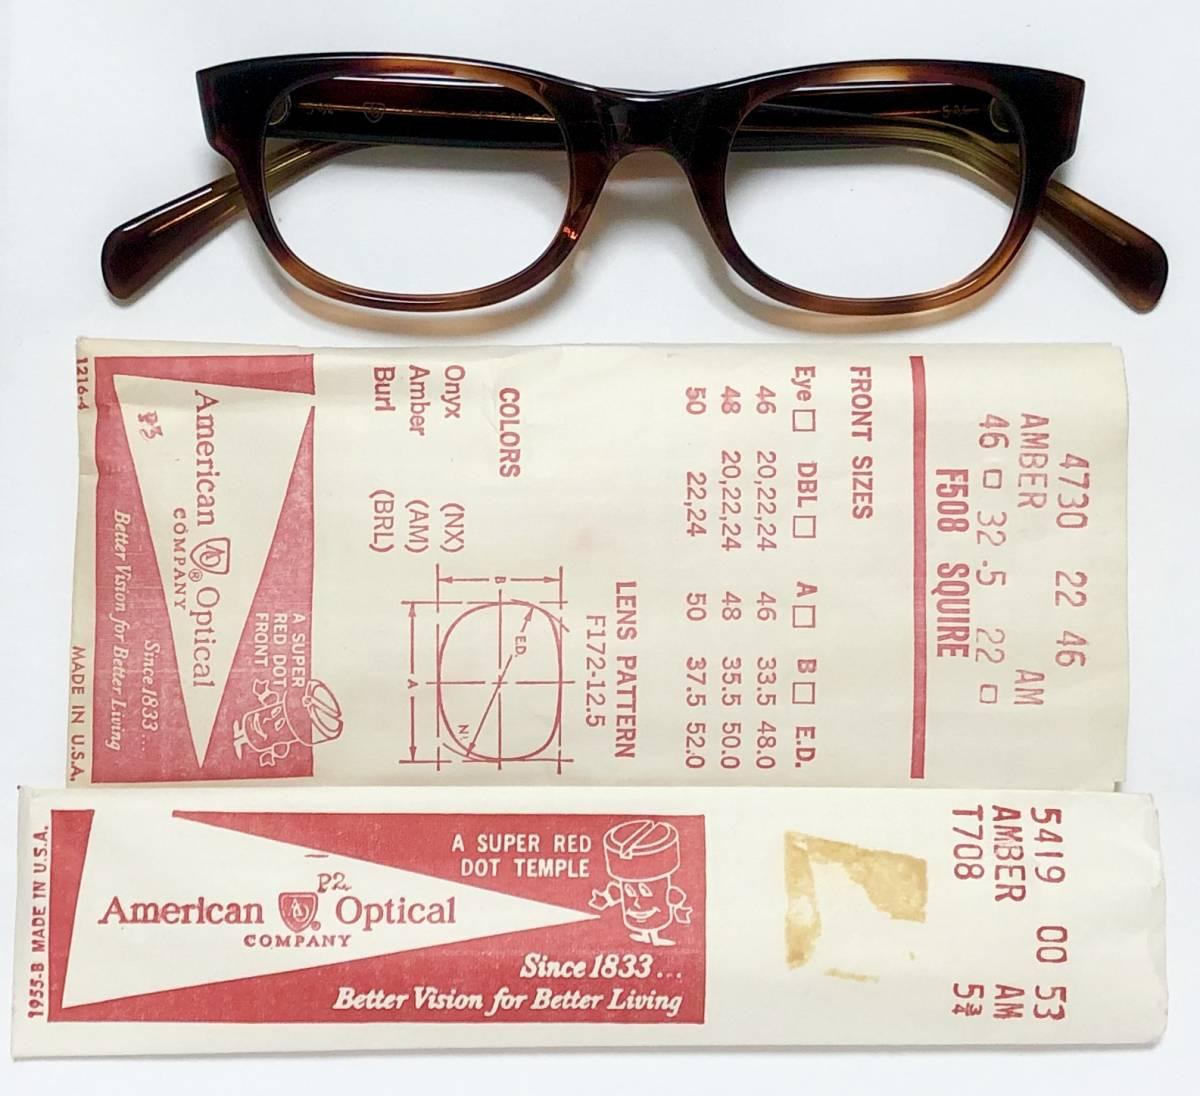 新品・1960年代頃】アメリカンオプティカル AO メガネ American Optical アンバー 米国製 ビンテージ / ヴィンテージ_画像1